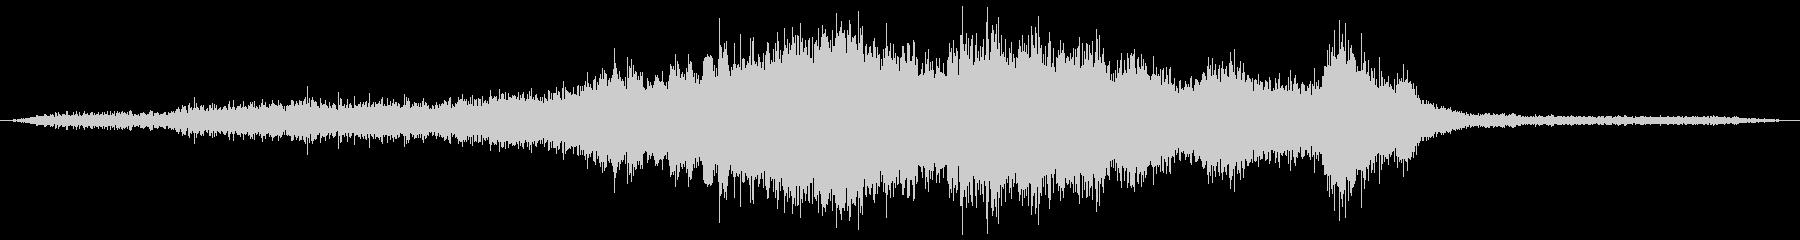 727:EXT:テイクオフの未再生の波形